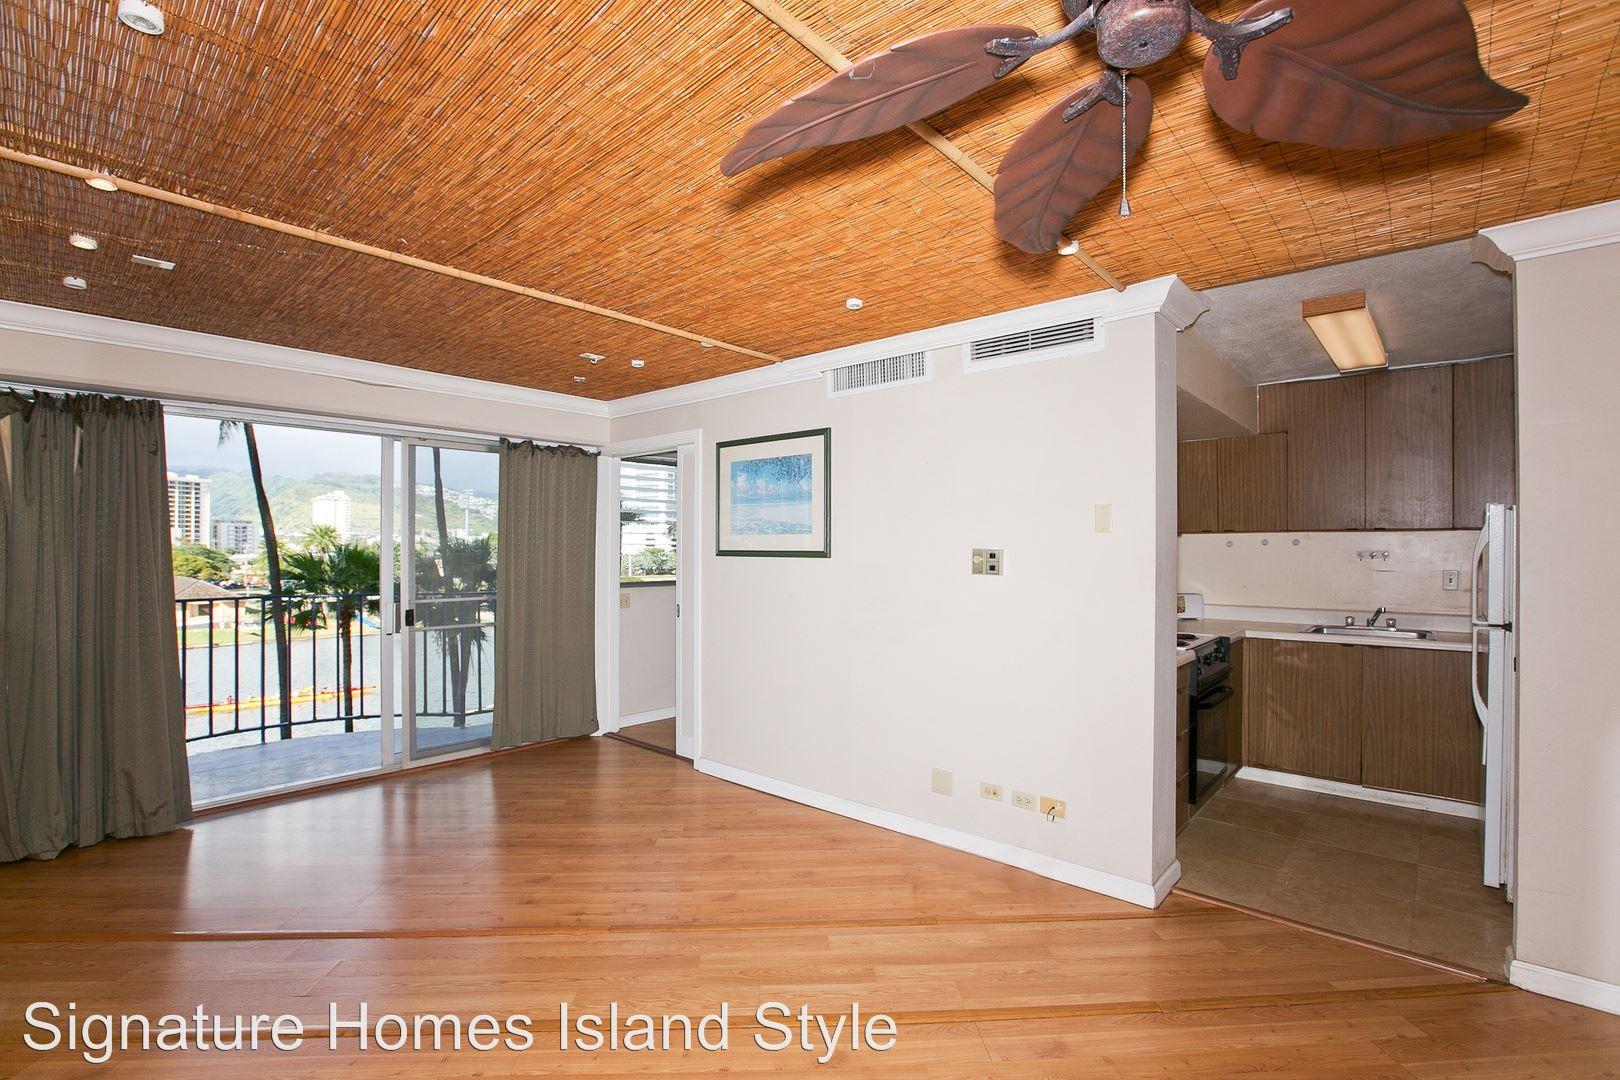 1909 Ala Wai Blvd 402 Honolulu Hi 96815 1 Bedroom House For Rent For 1 550 Month Zumper